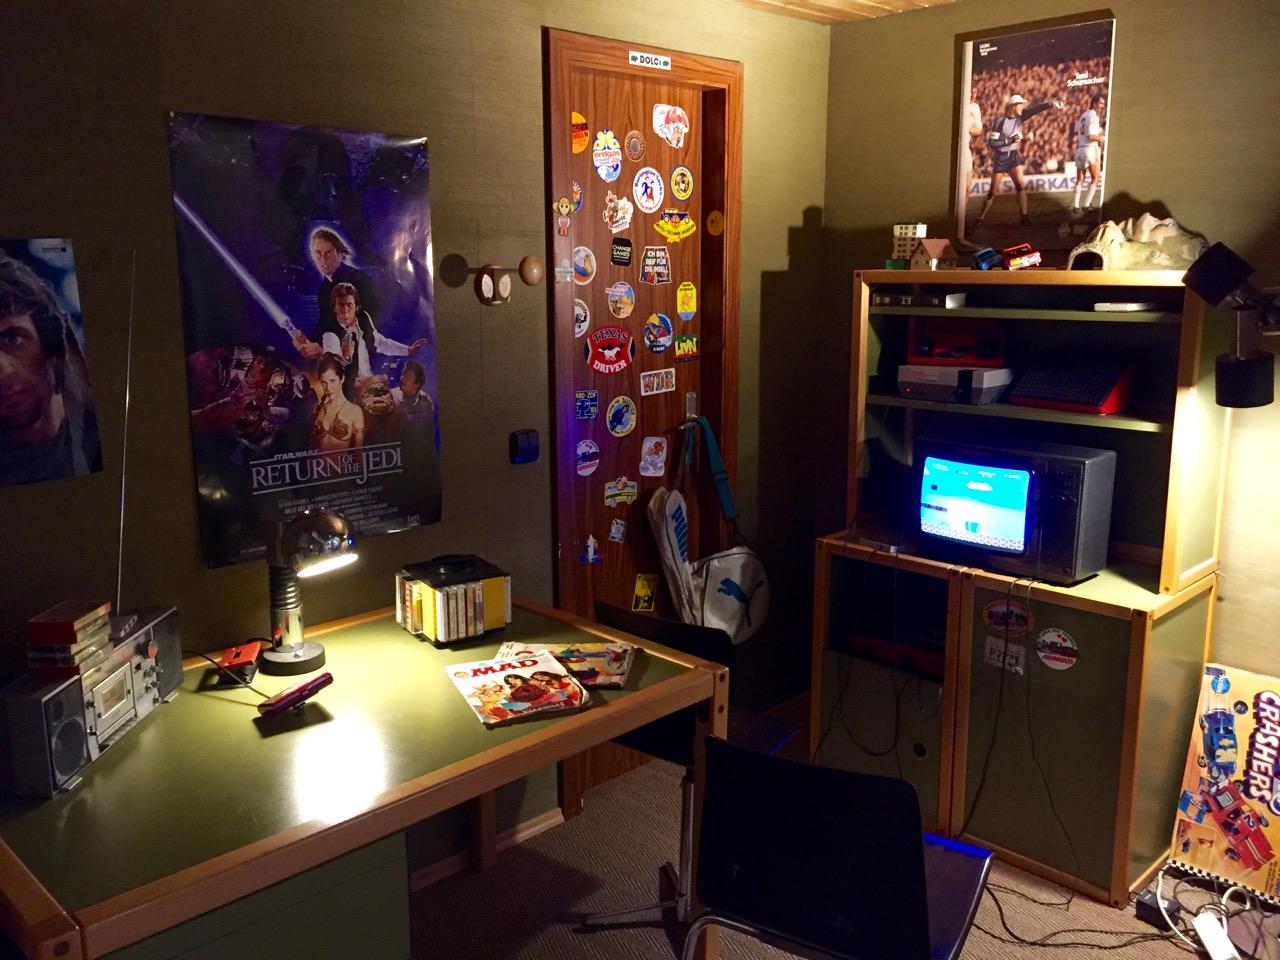 Jugendzimmer der 1980er Jahre. Star Wars, Kassetten Karussell und Super Mario. (Bild: André Eymann)